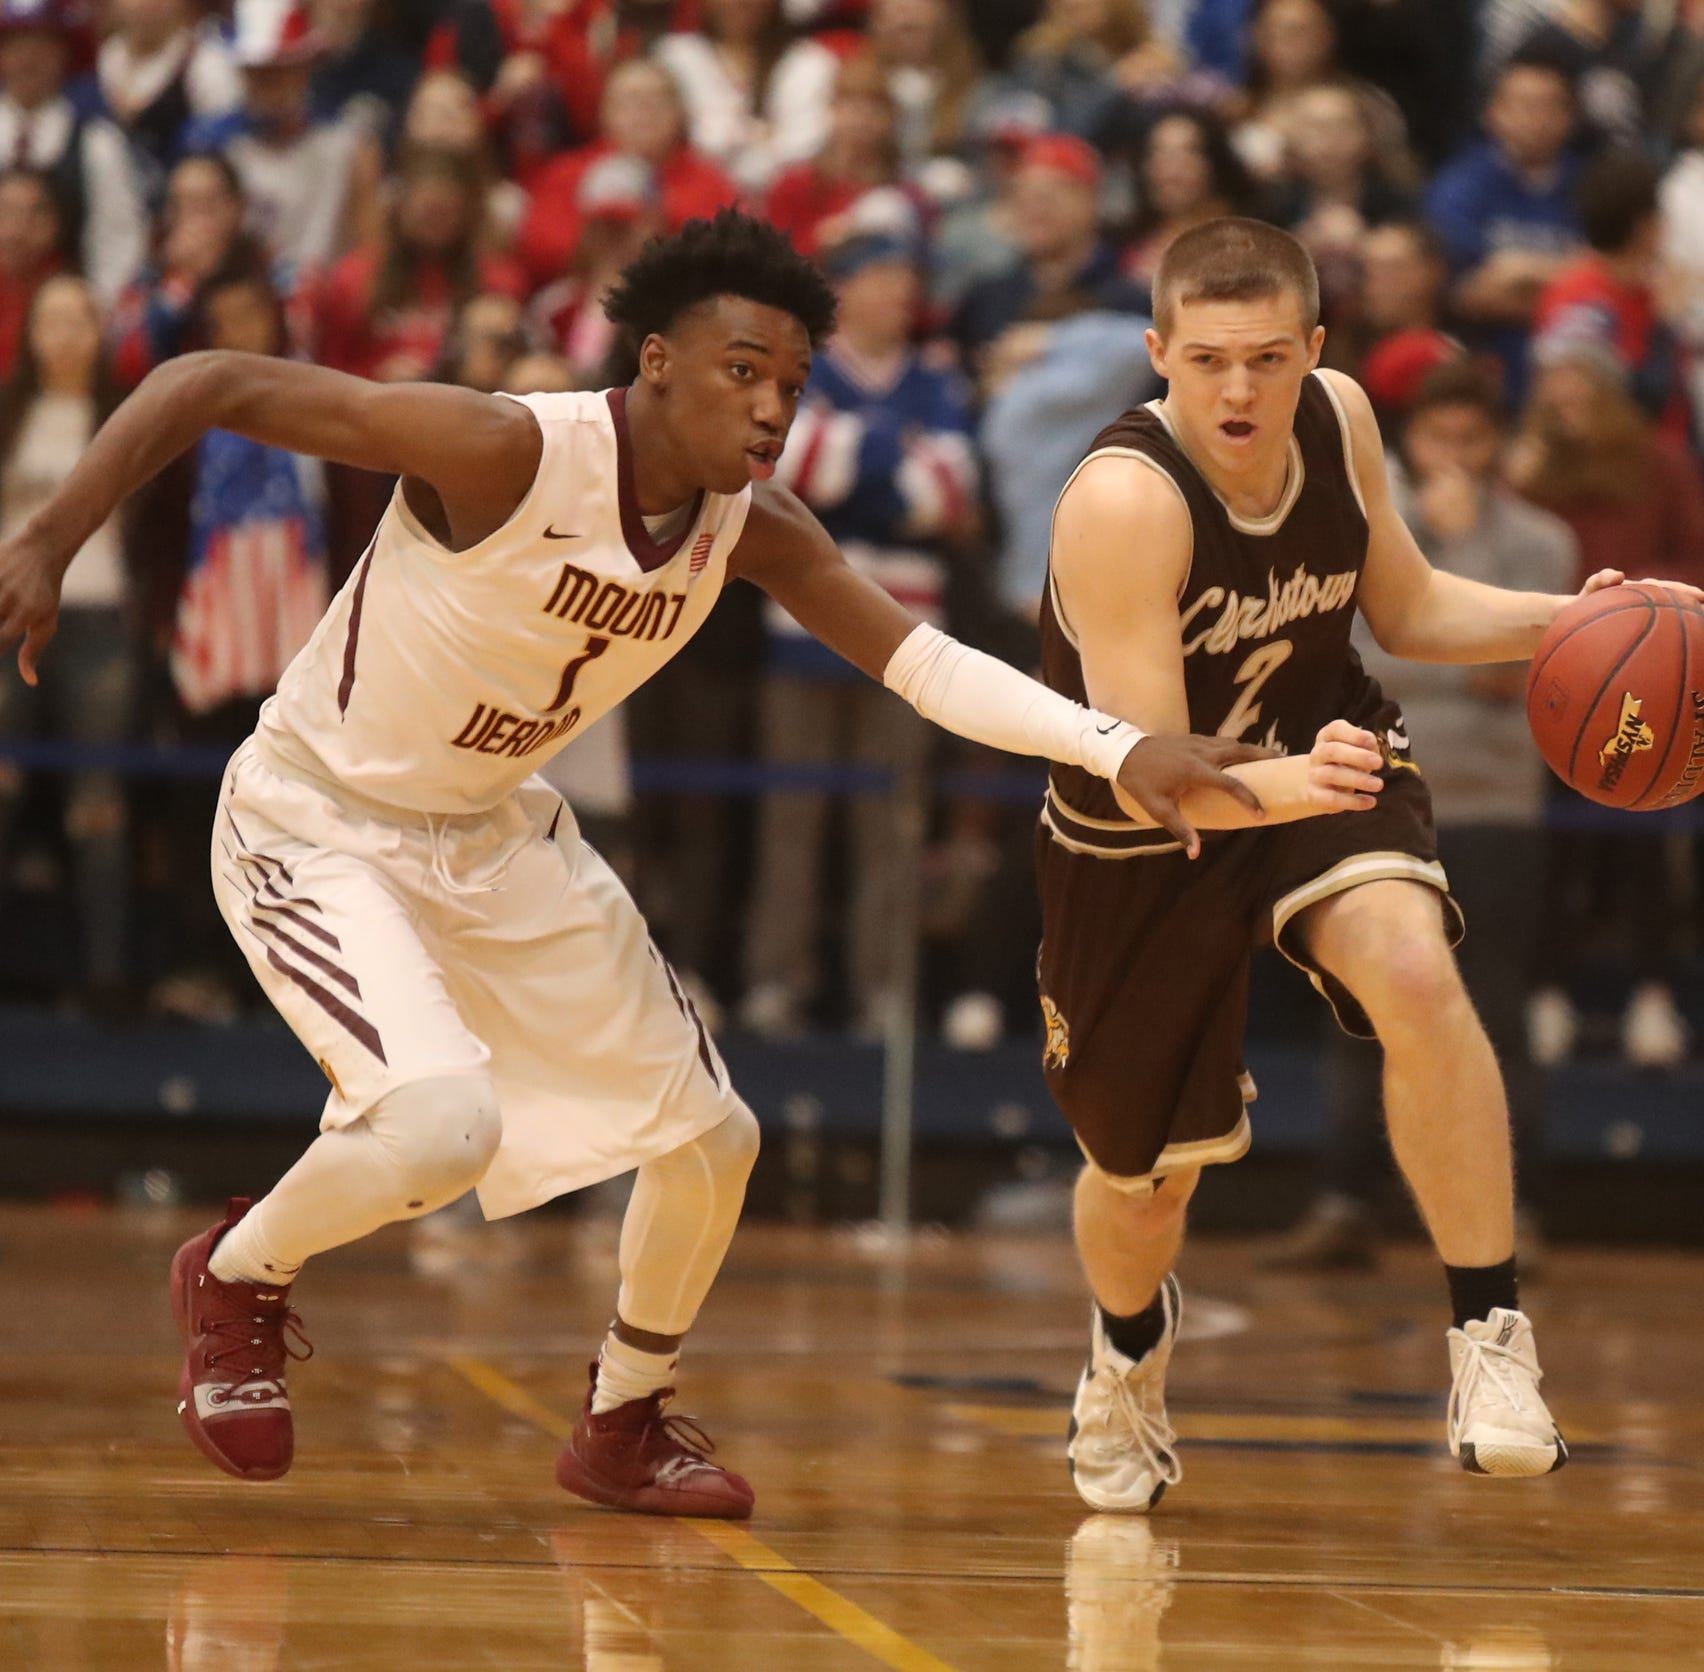 Boys basketball: Meet lohud's 2018-19 Rockland all-county team